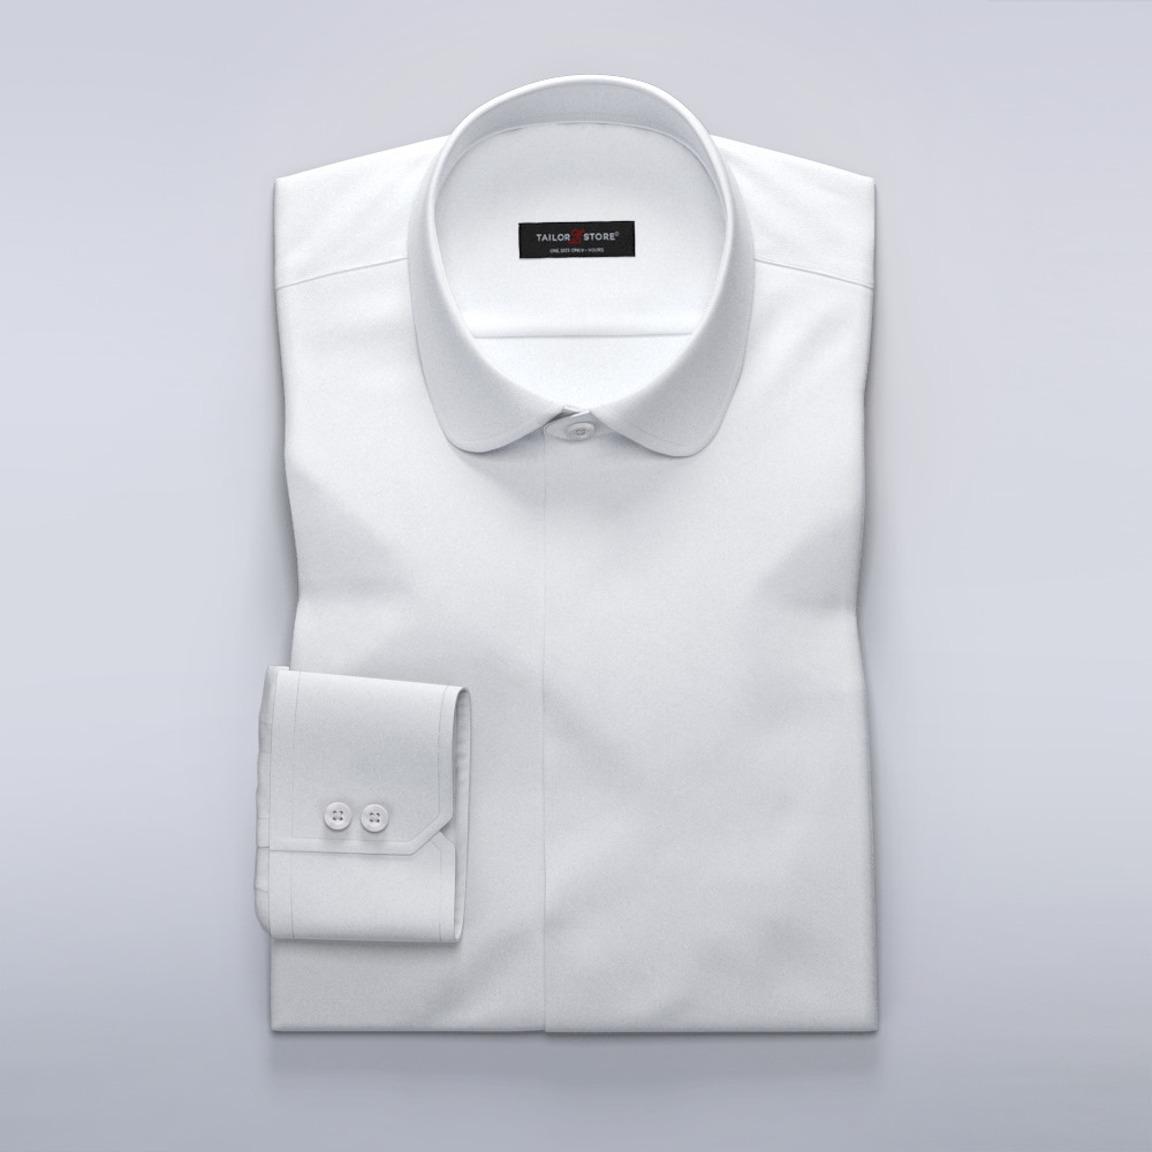 Business-skjorte for damer, i luksuriøs hvit herringbone